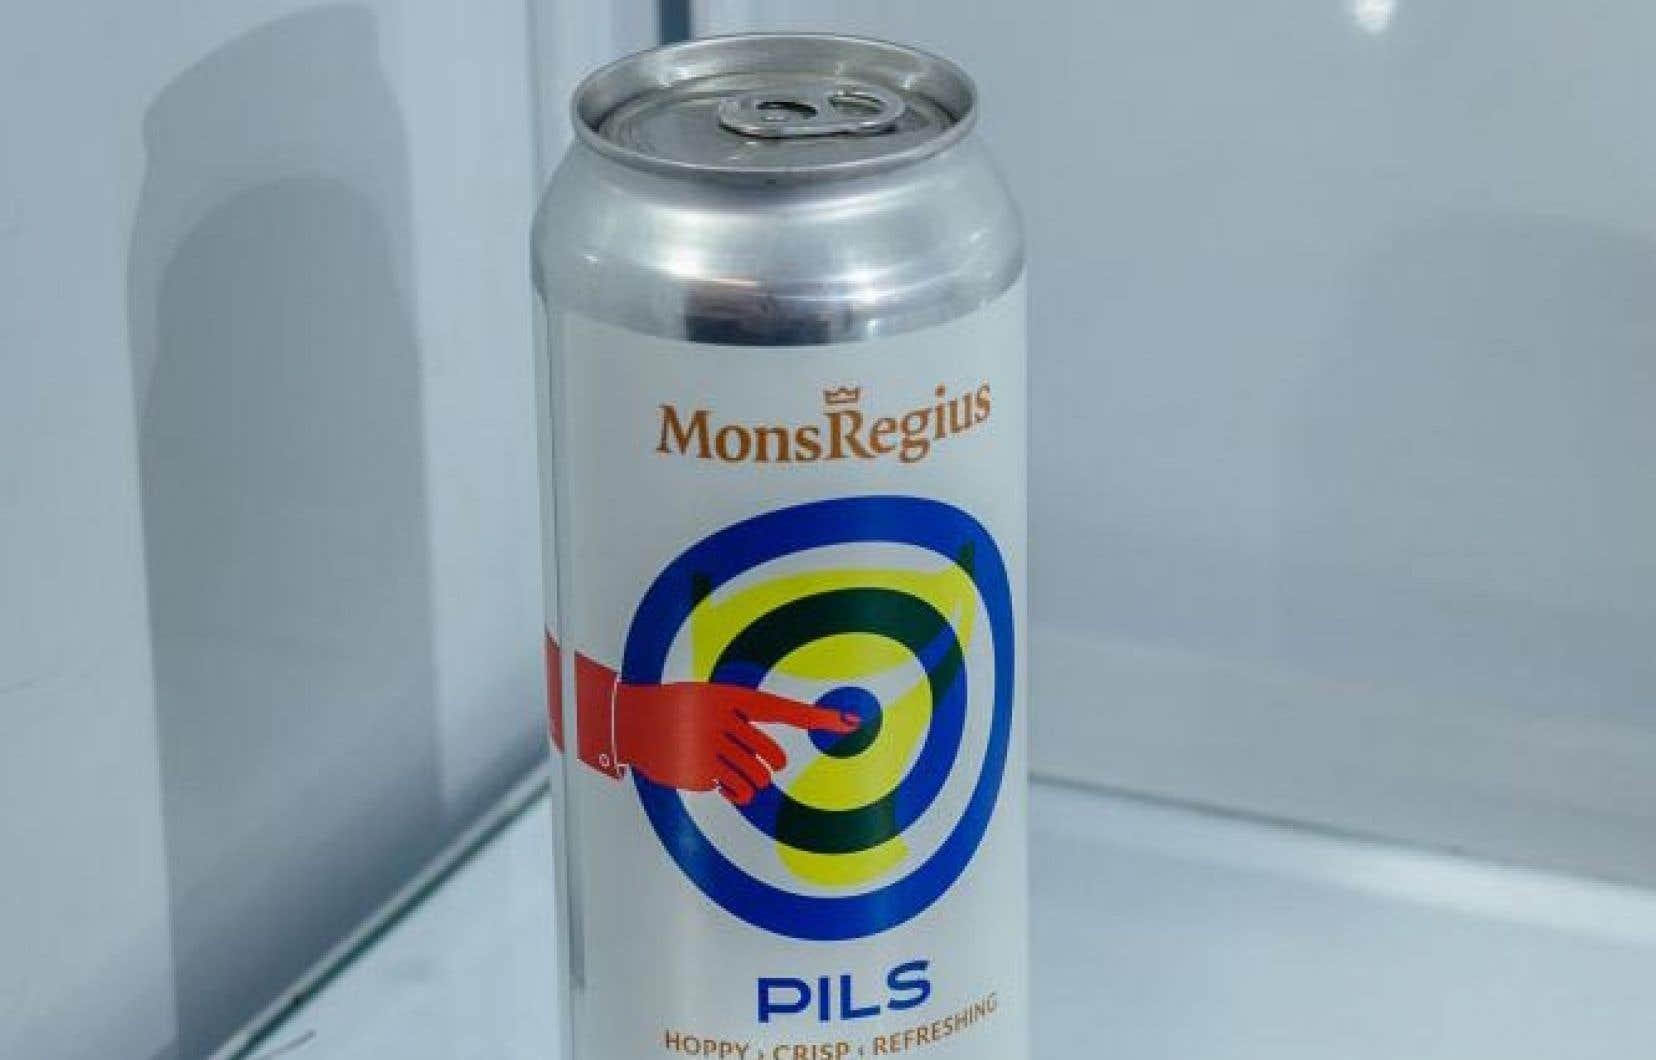 Nous suggérons cette semaine la délicieuse Pils à l'italienne de Mons Regius.